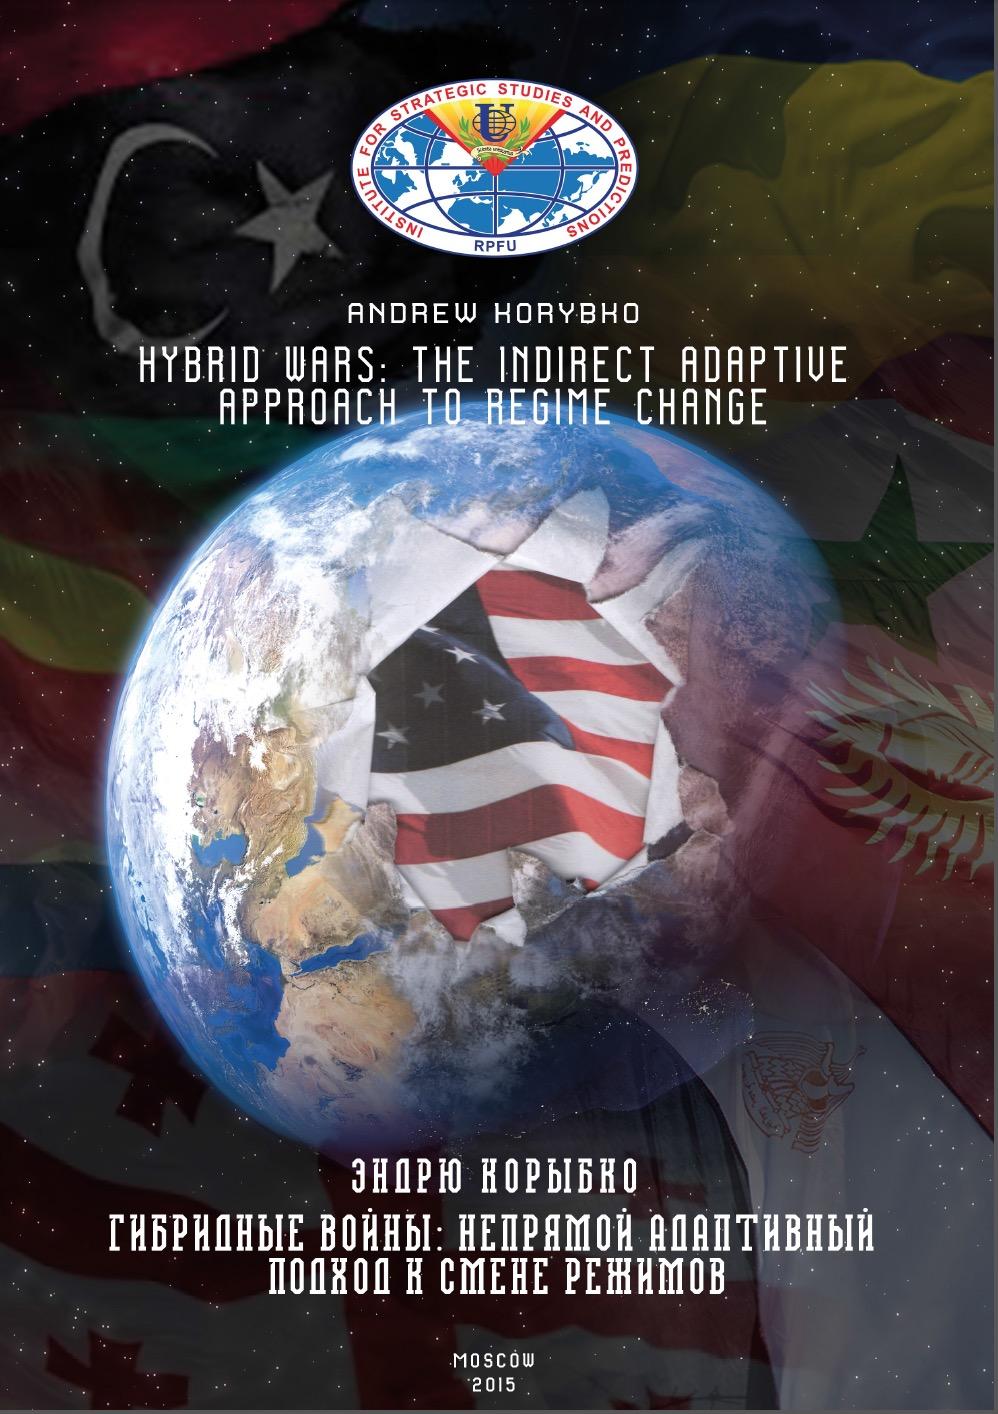 Guerras Híbridas: La aproximación adaptativa indirecta al cambio de régimen. Por Andrew Korybko